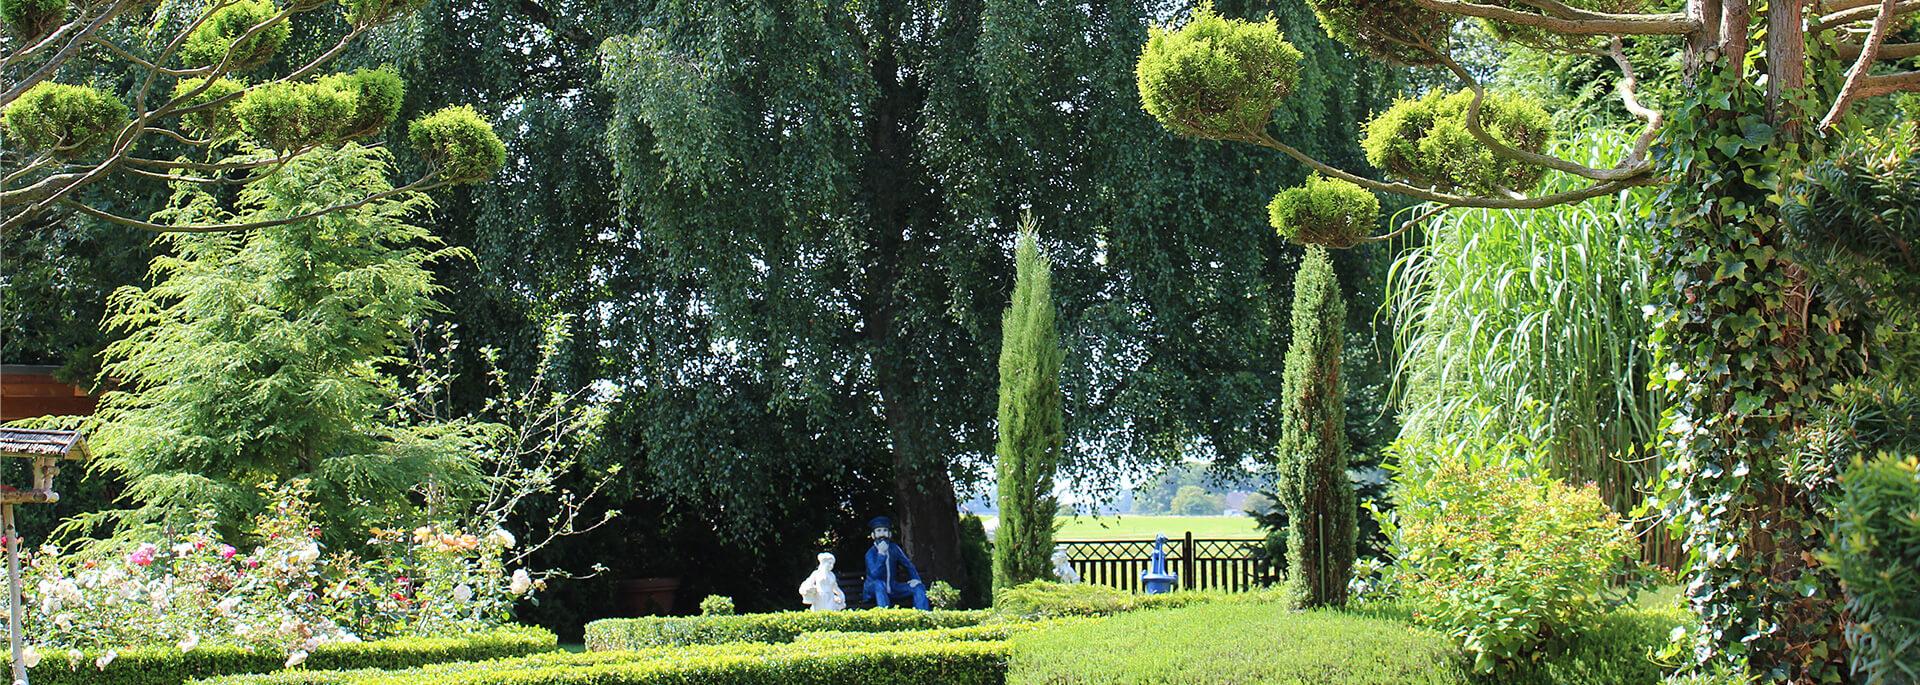 Samtgemeinde-Hesel-Slider-Garten